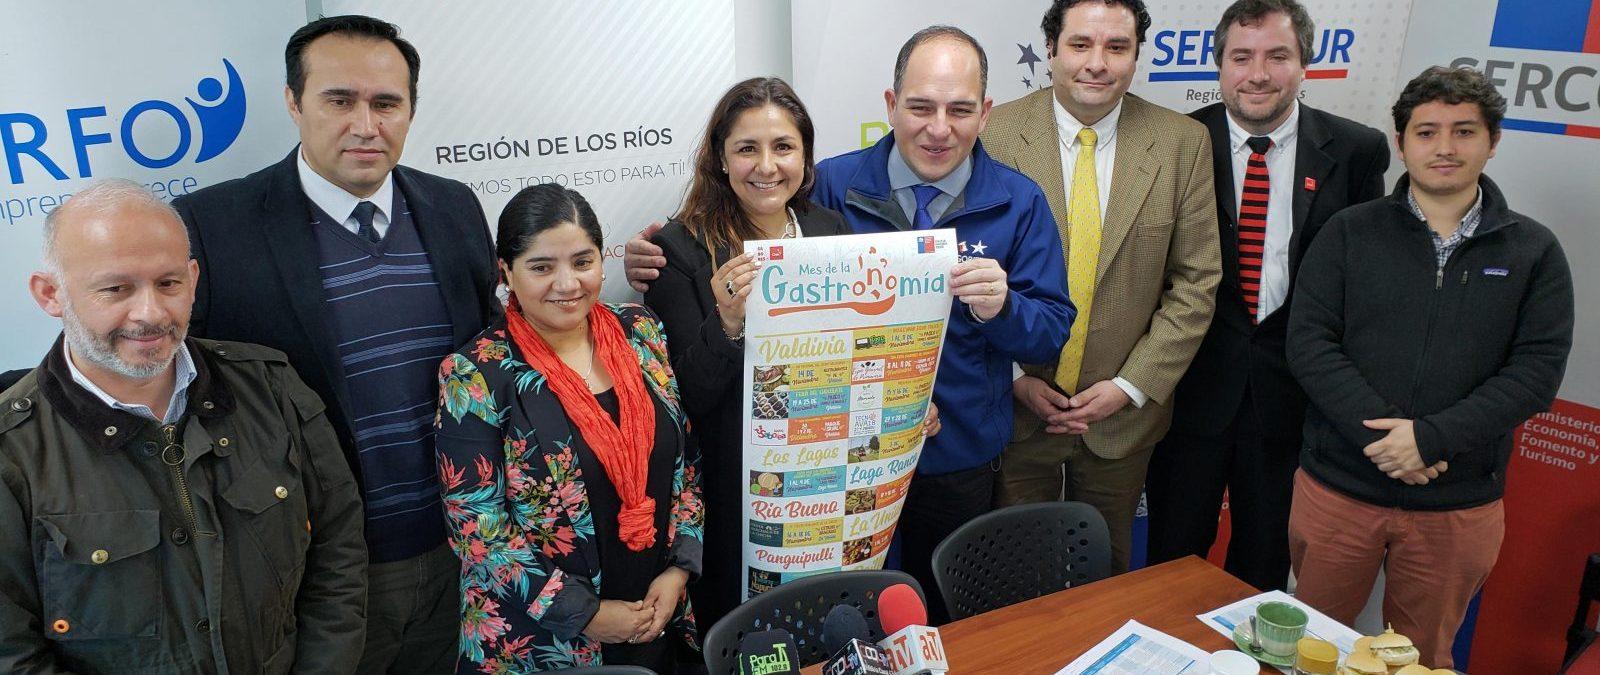 Con nutrido programa lanzan Mes de la Gastronomía en la Región de Los Ríos